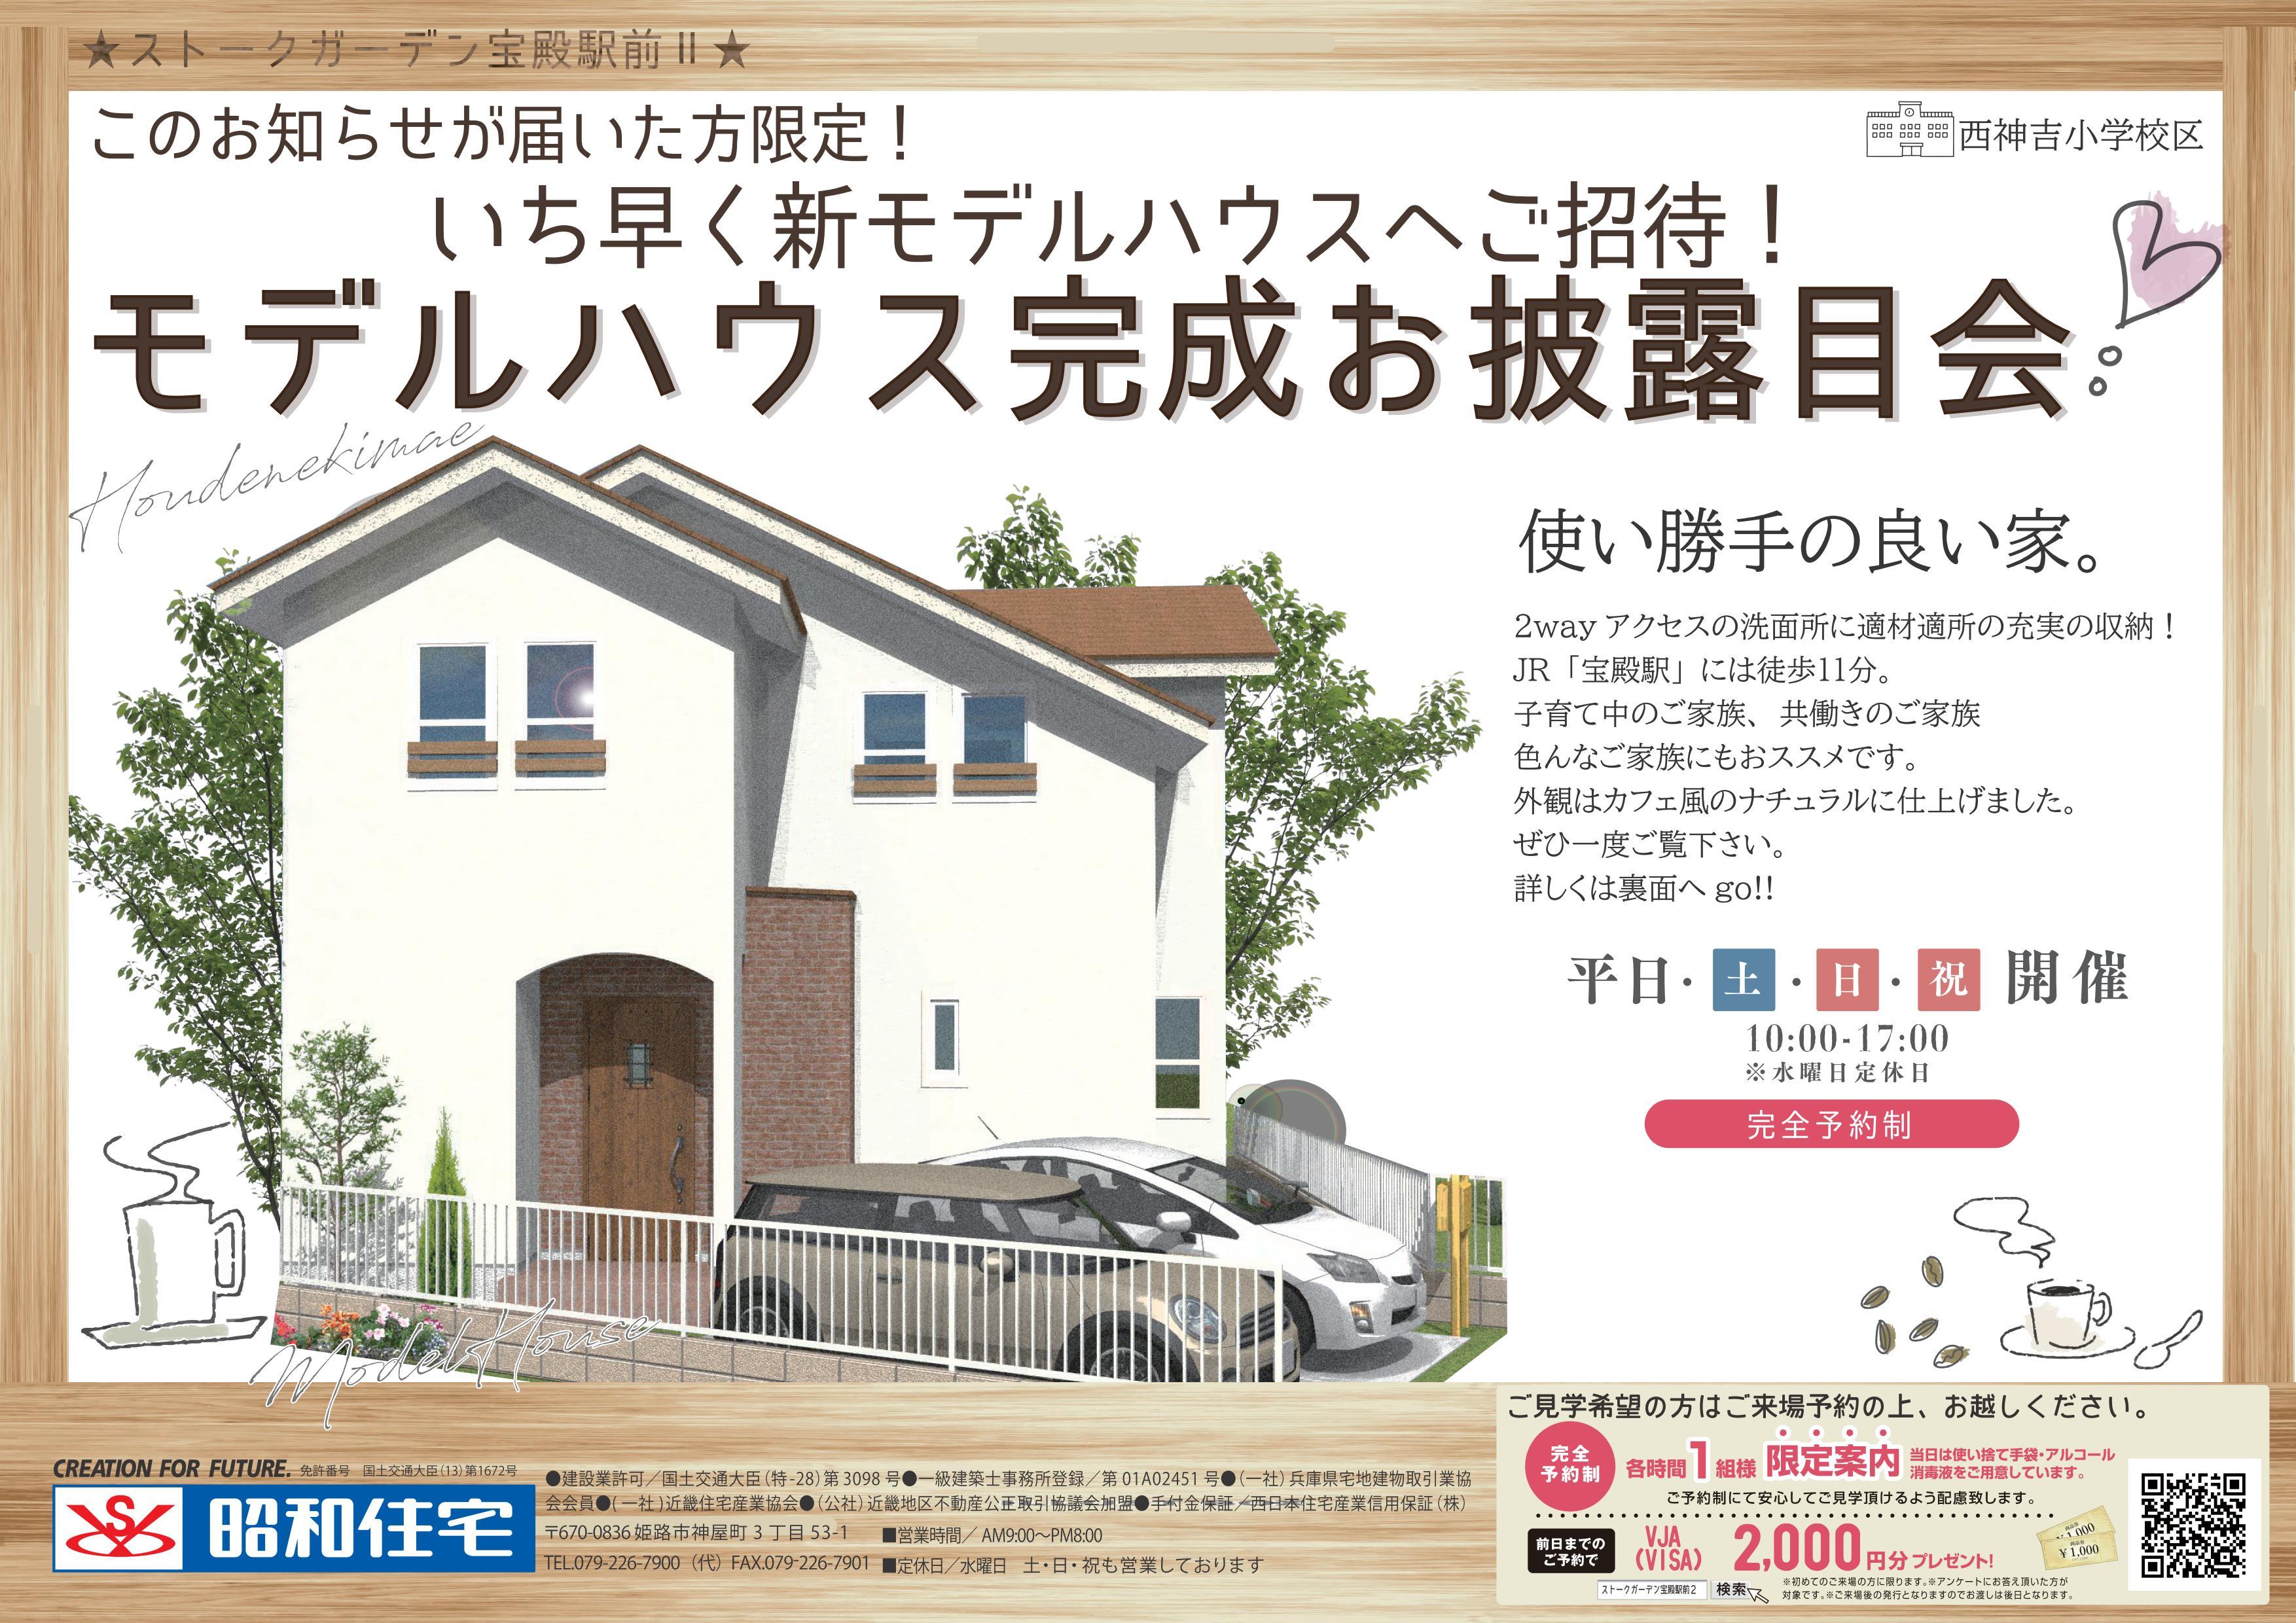 【結合】宝殿駅前Ⅱモデルハウス完成お披露目会200731_01